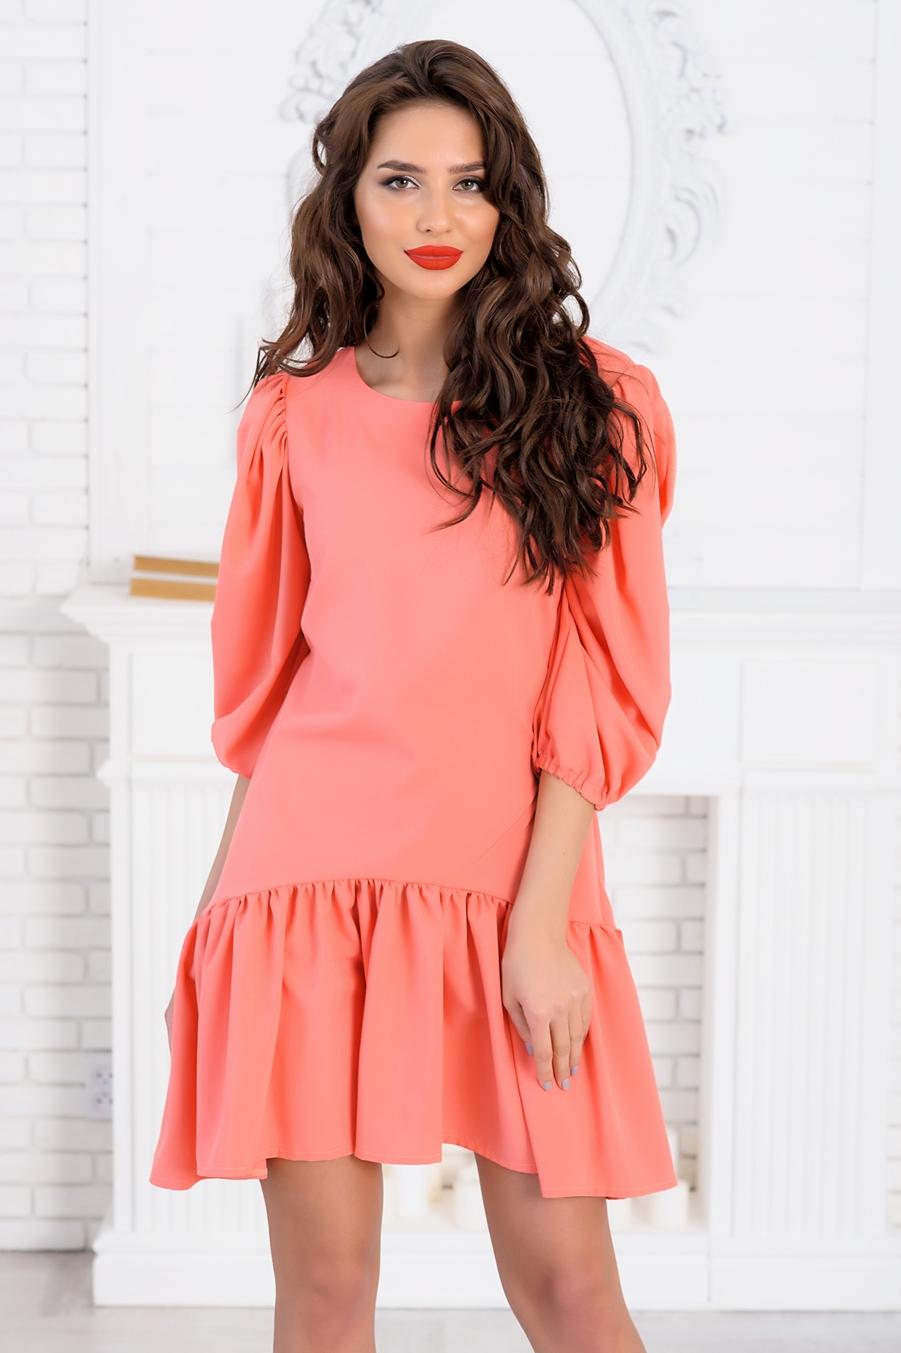 время модные широкие платья фото с рюшками приложение